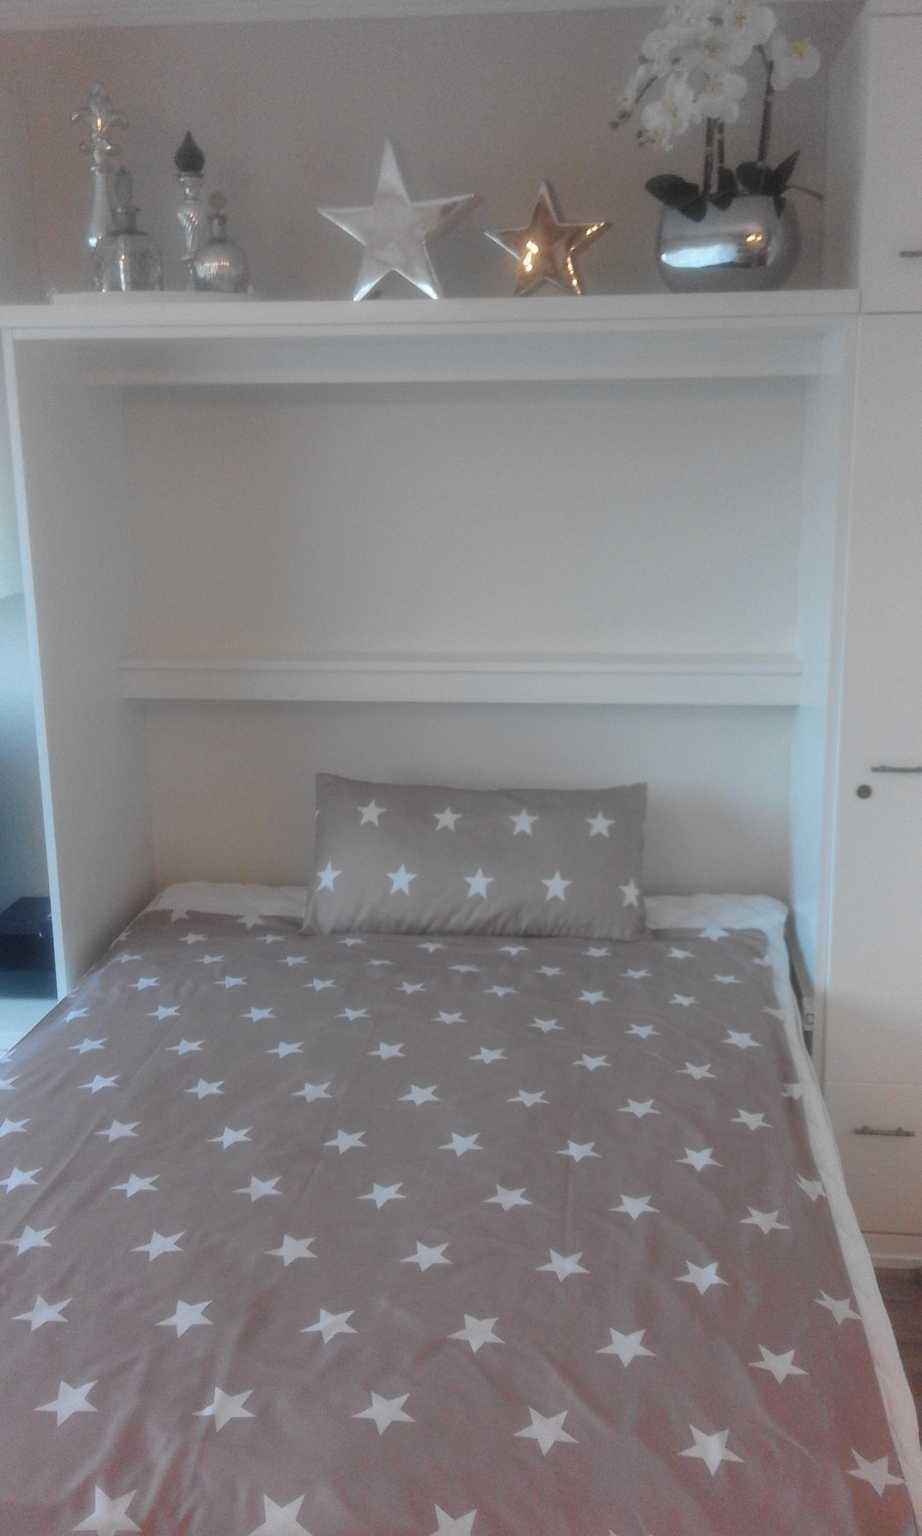 Haus Nordland, App 17, Ferienwohnung (2 Zimmer)